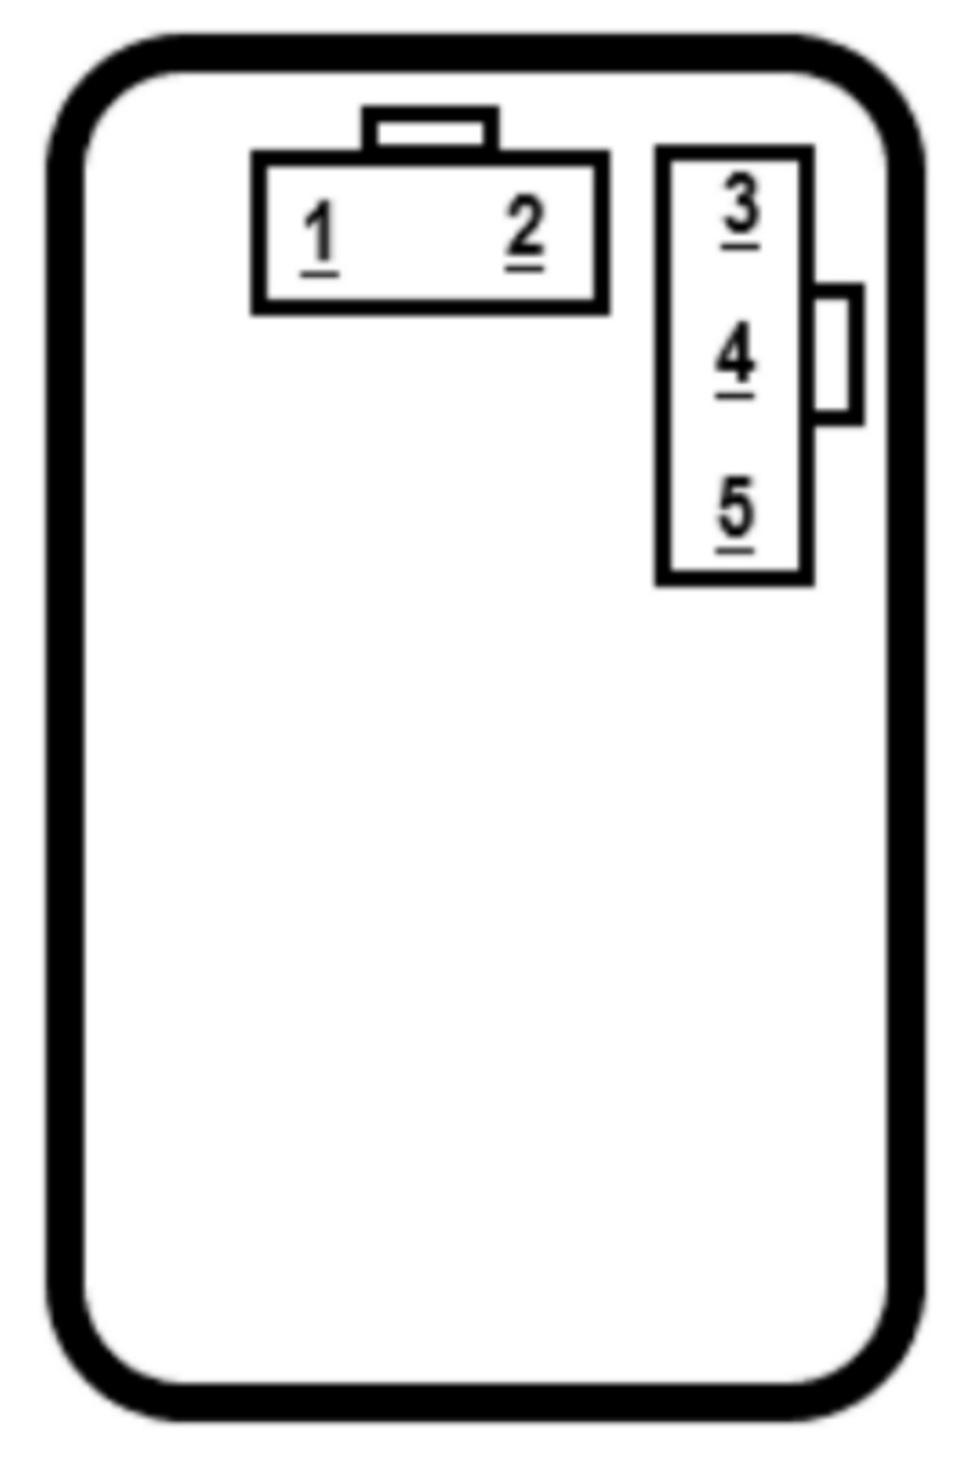 Cara Membaca Pin Soket CDI Motor Honda - Otosigna99